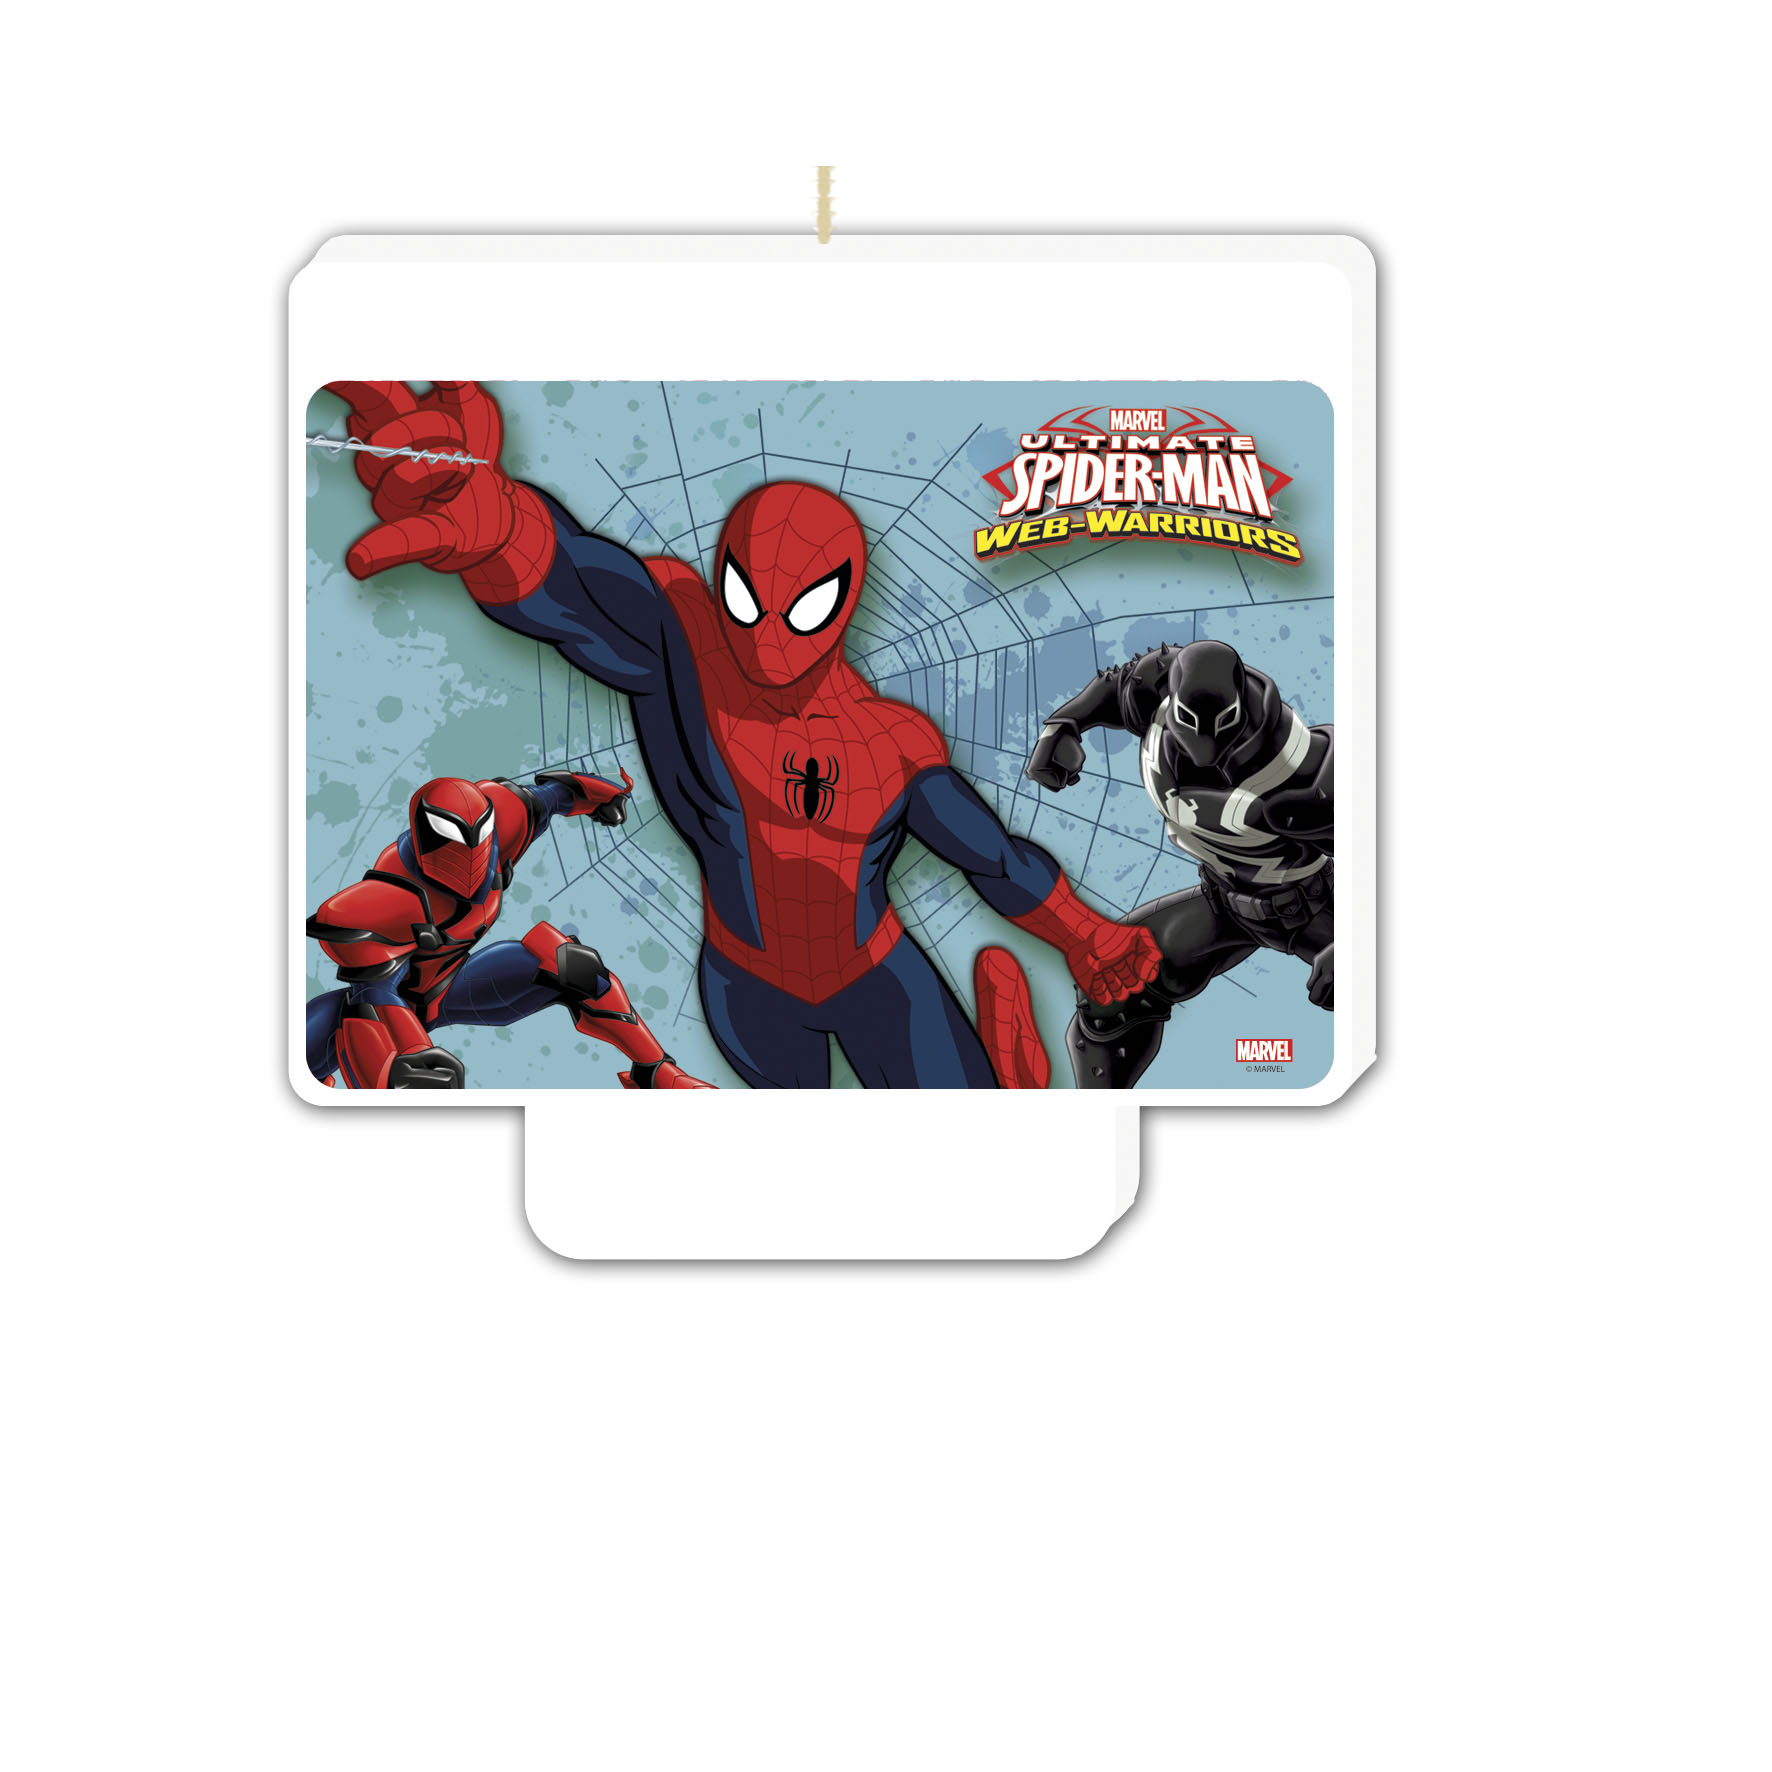 Bougie d 39 anniversaire spiderman d coration anniversaire - Decoration spiderman pour anniversaire ...